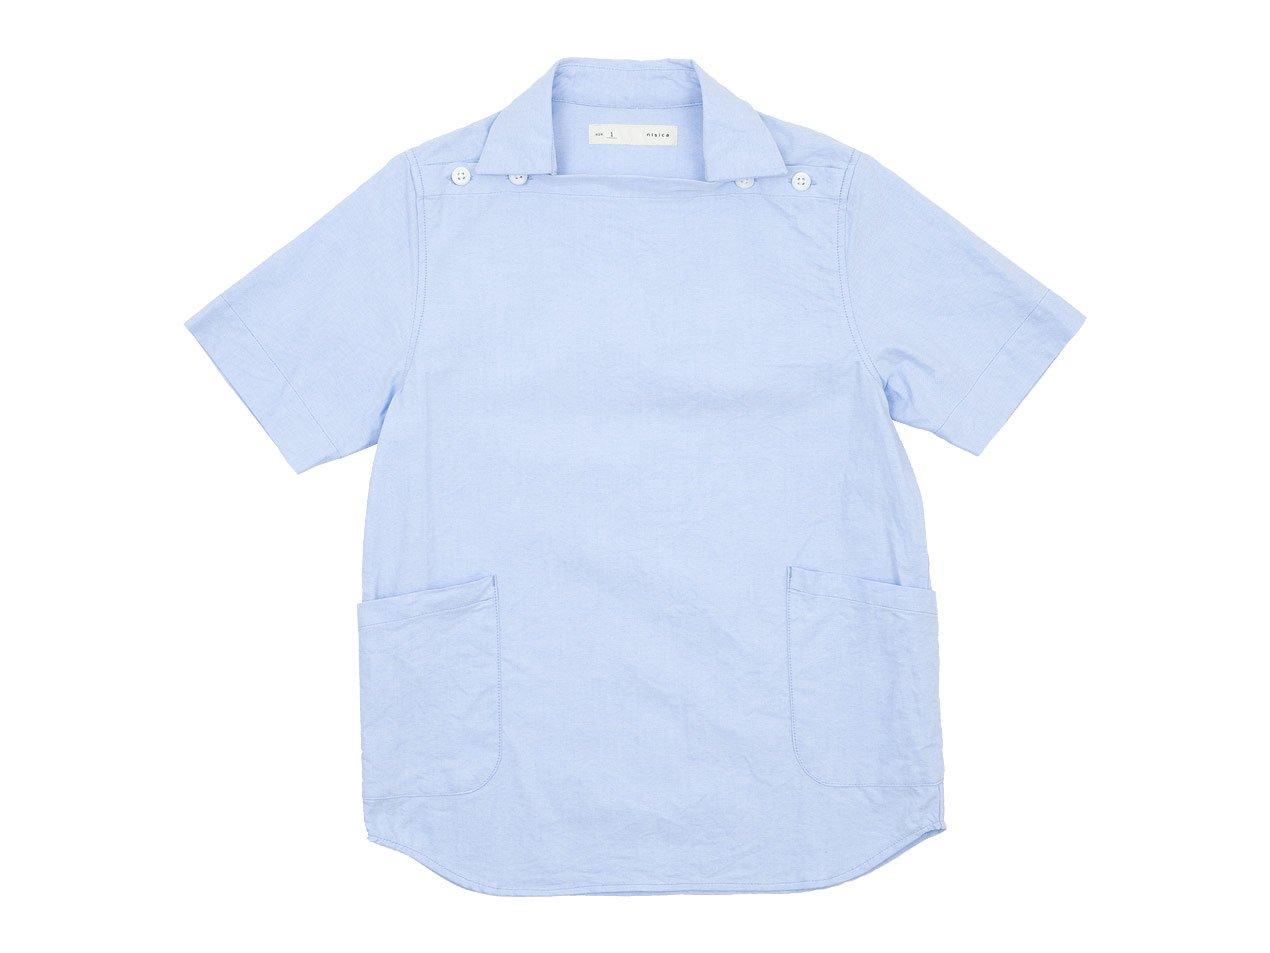 nisica デッキマンシャツ 半袖 オックス SAX